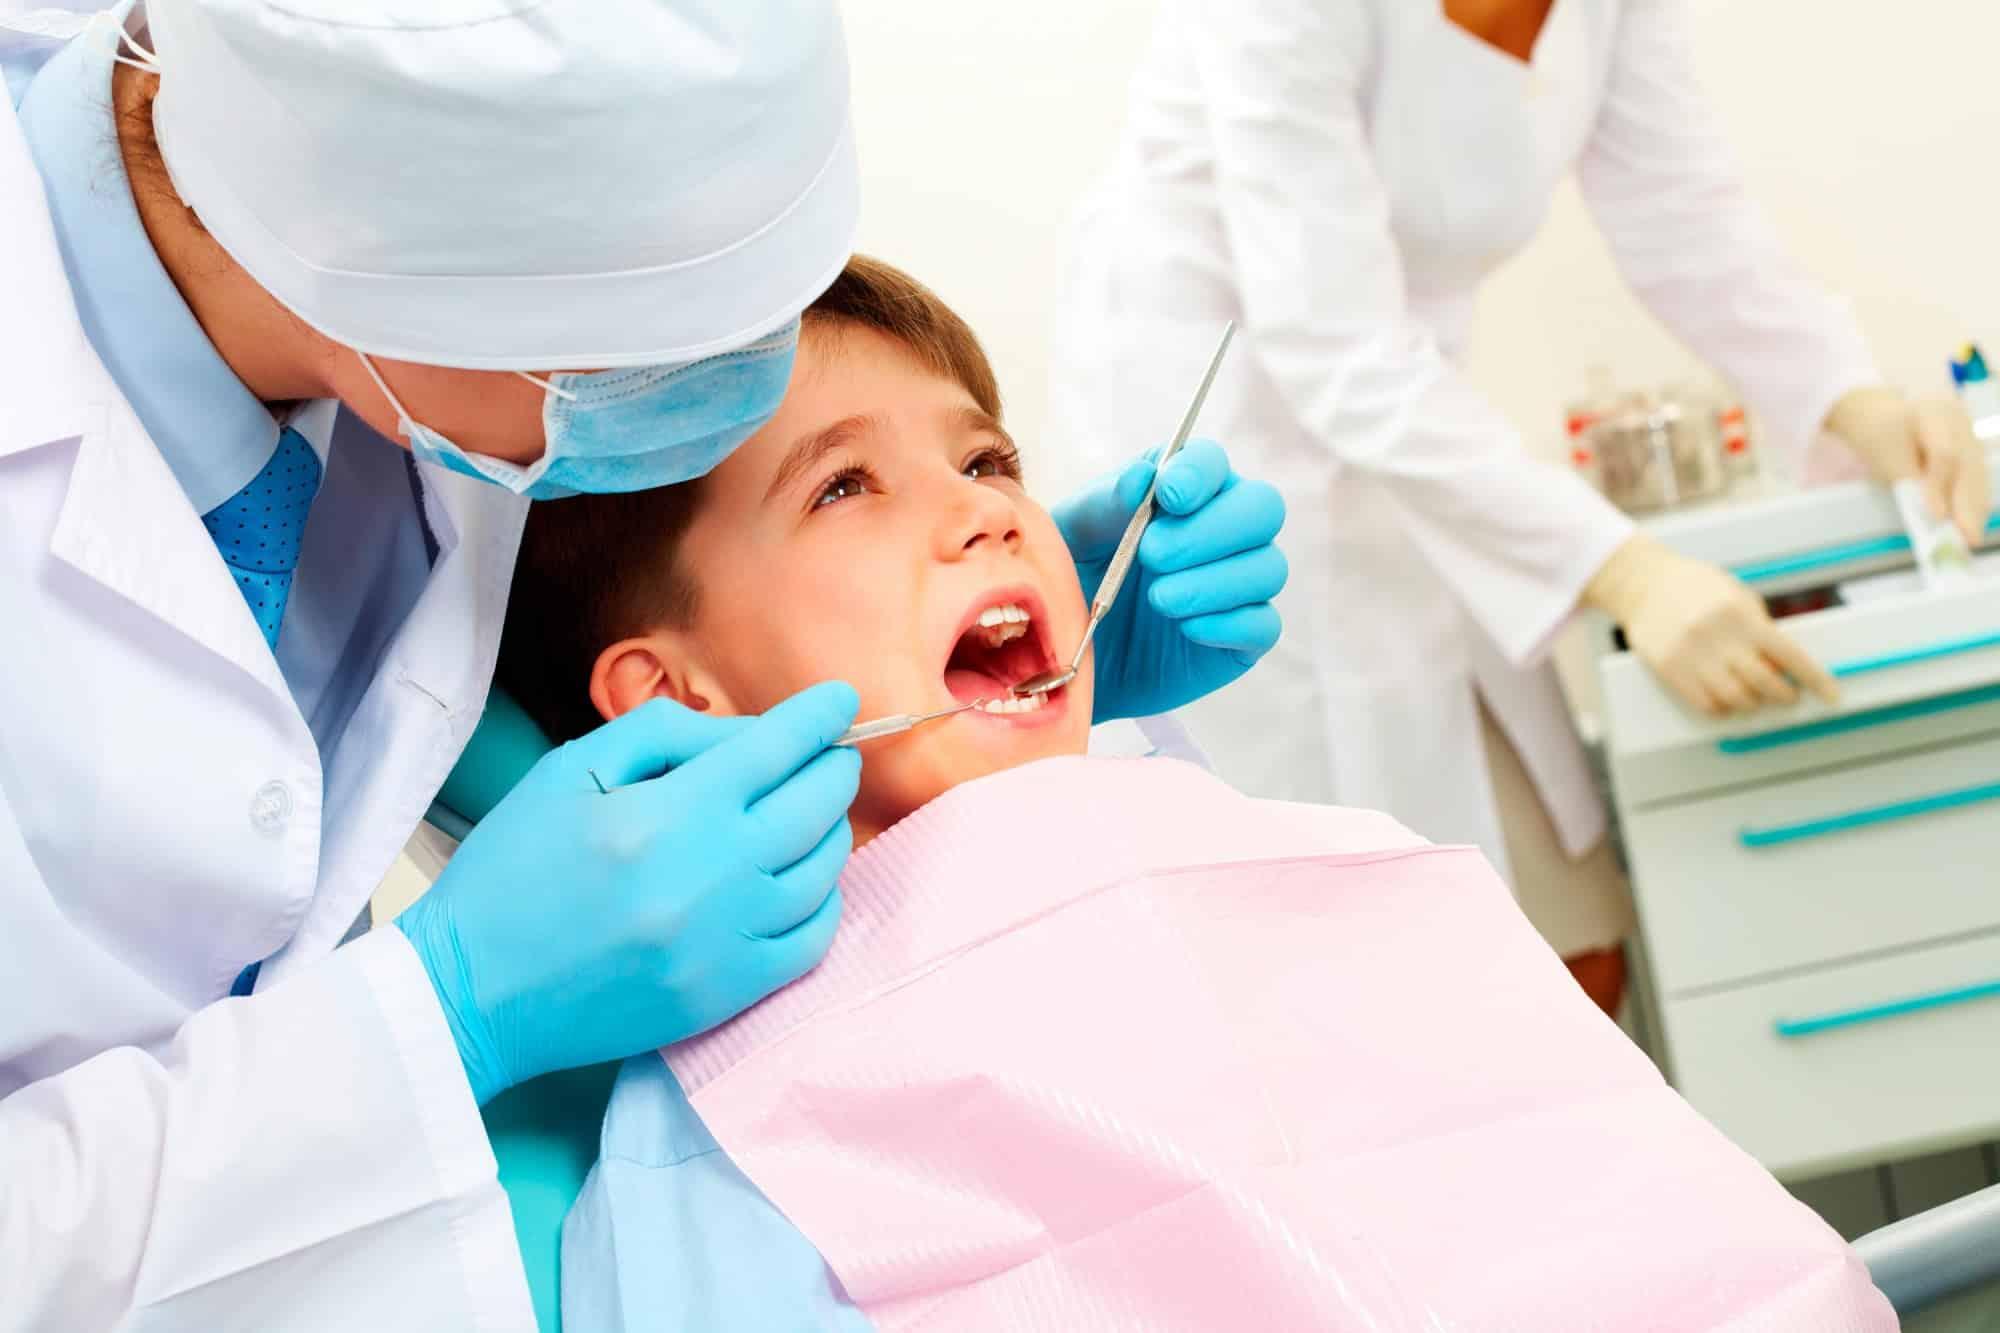 El seguro dental, indispensable para los más pequeños